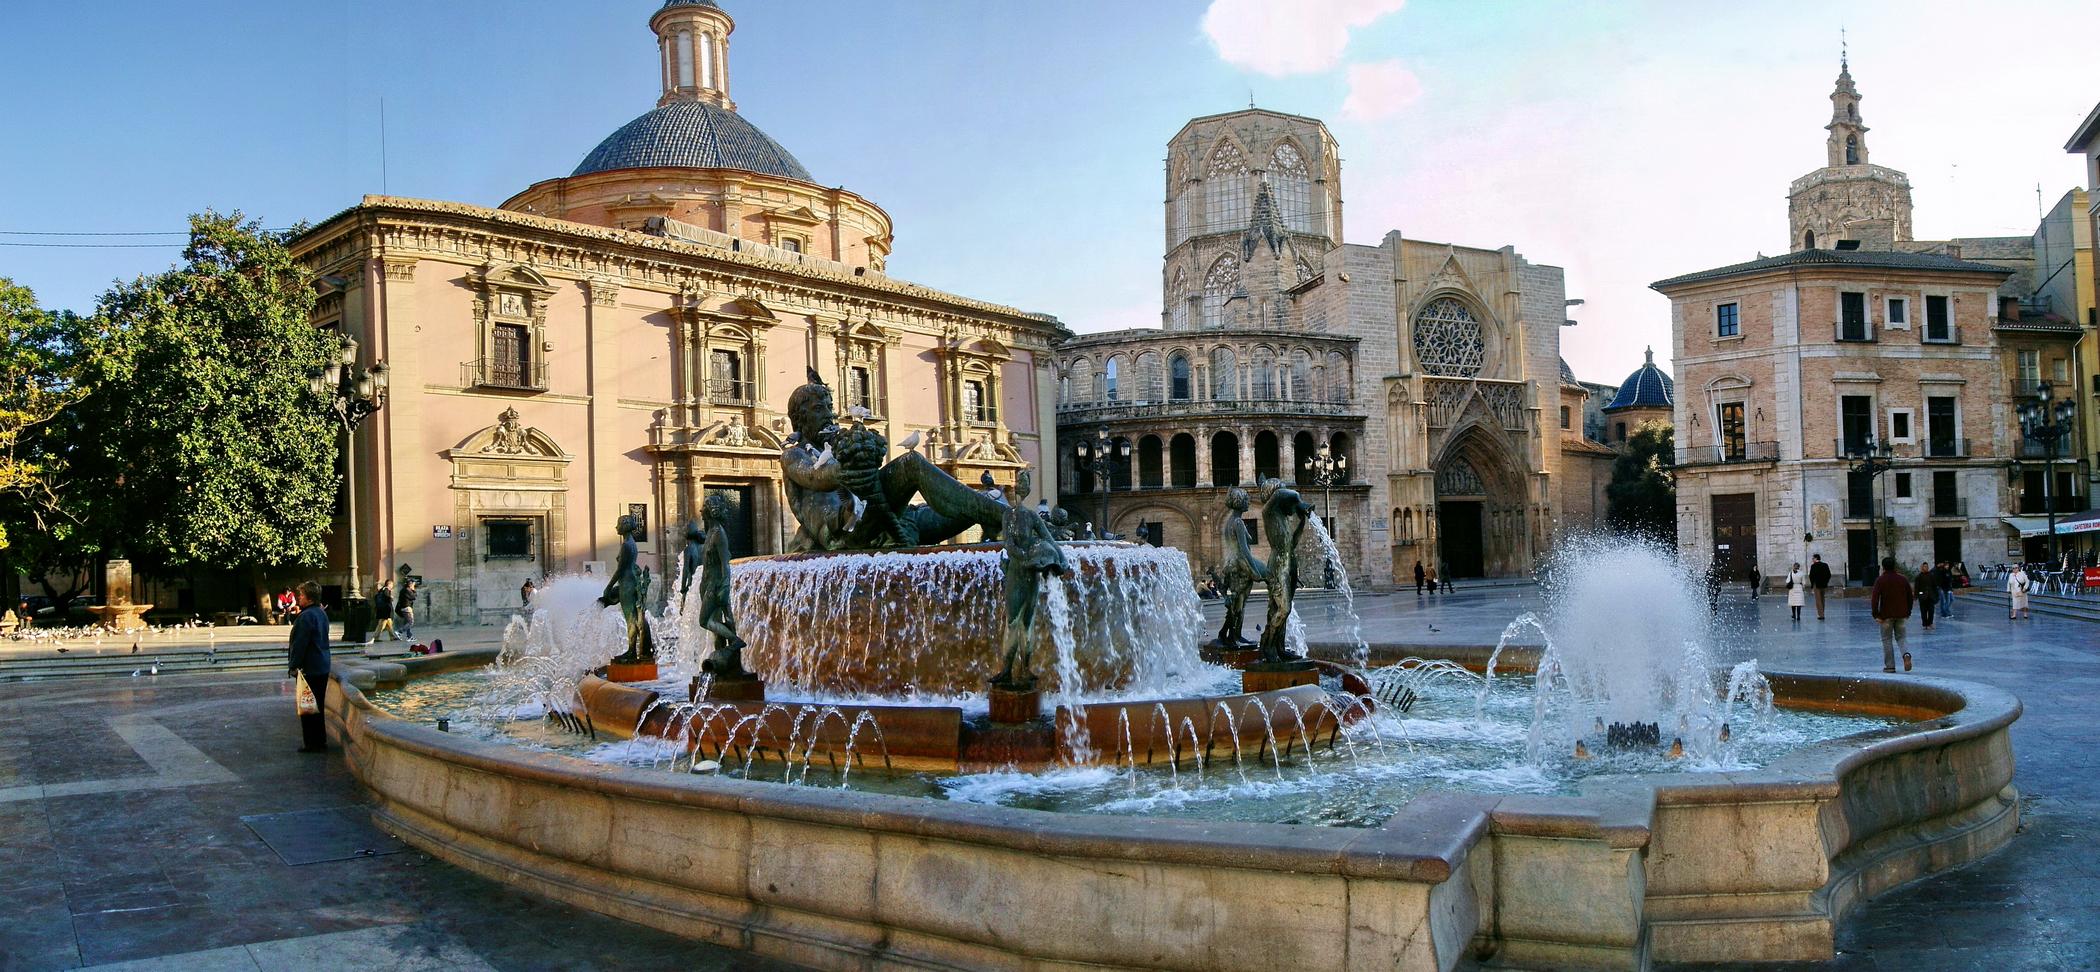 plaza de la virgen - Fundación Deportiva Municipal Valencia